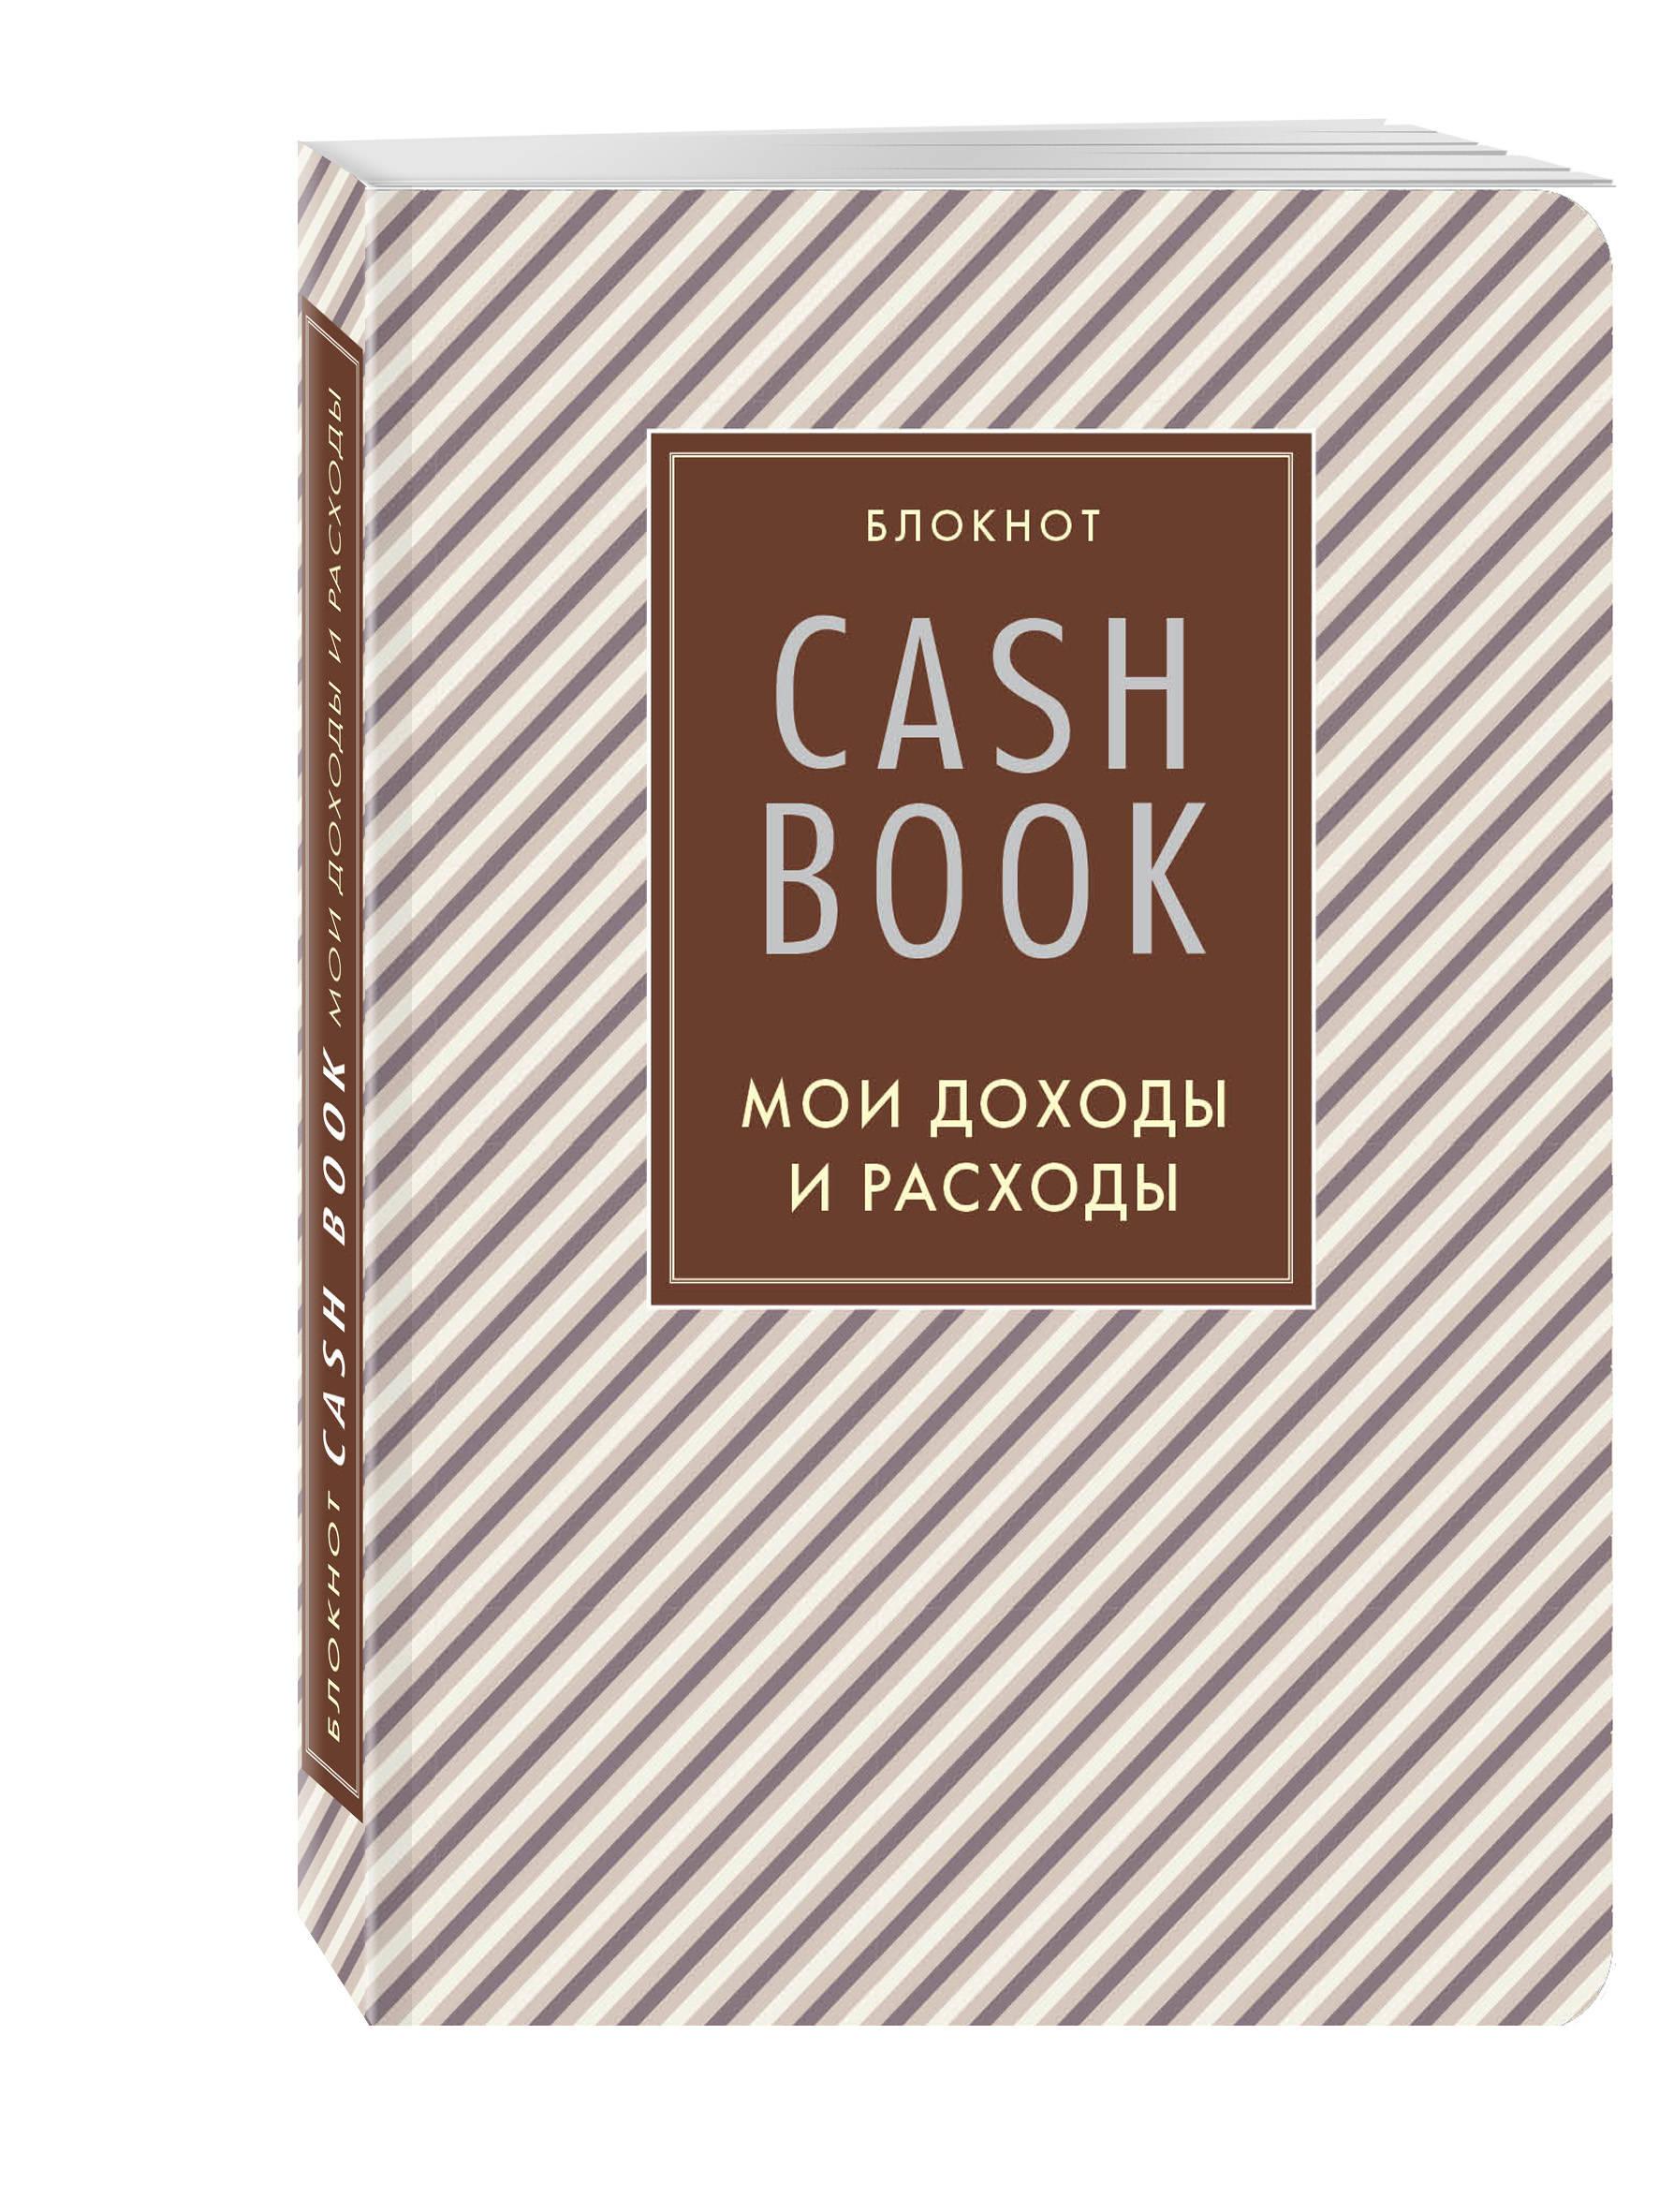 CashBook. Мои доходы и расходы. 4-е издание, 5-е оформление cashbook мои доходы и расходы 4 е изд 3 е оф